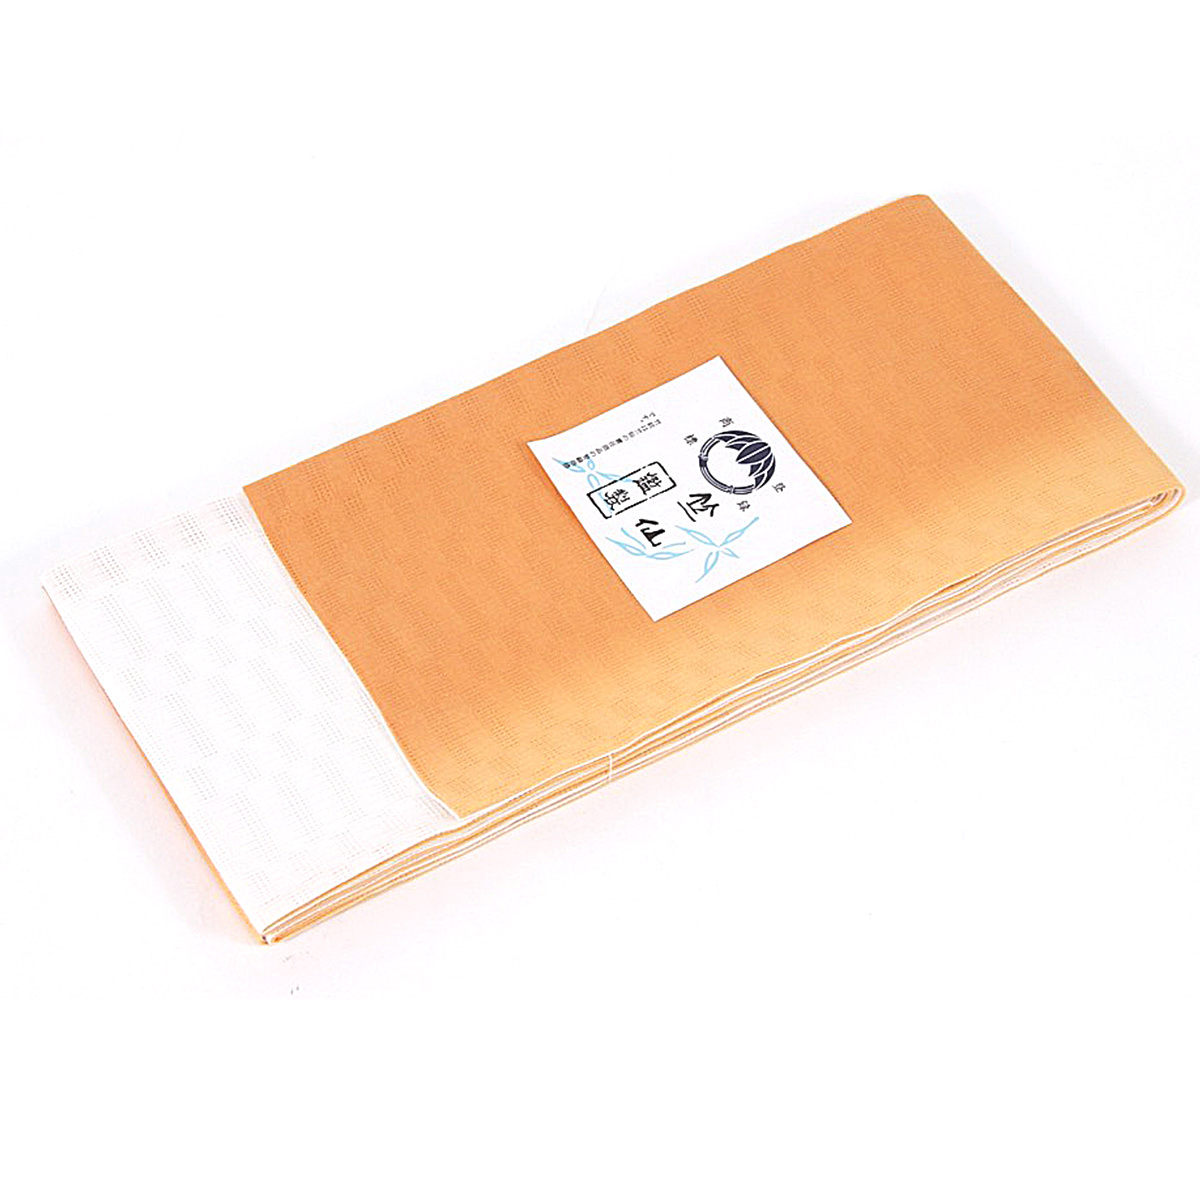 竺仙 浴衣帯 オレンジ×白 橙色 浴衣 ゆかた 夏 夏きもの 着物 表地 麻100% 地紋 おしゃれ 和のなごみや味わいを着物姿でお過ごしください。 和服でひとときの癒しの時間を。 日本製 メール便不可 送料無料 送料込み